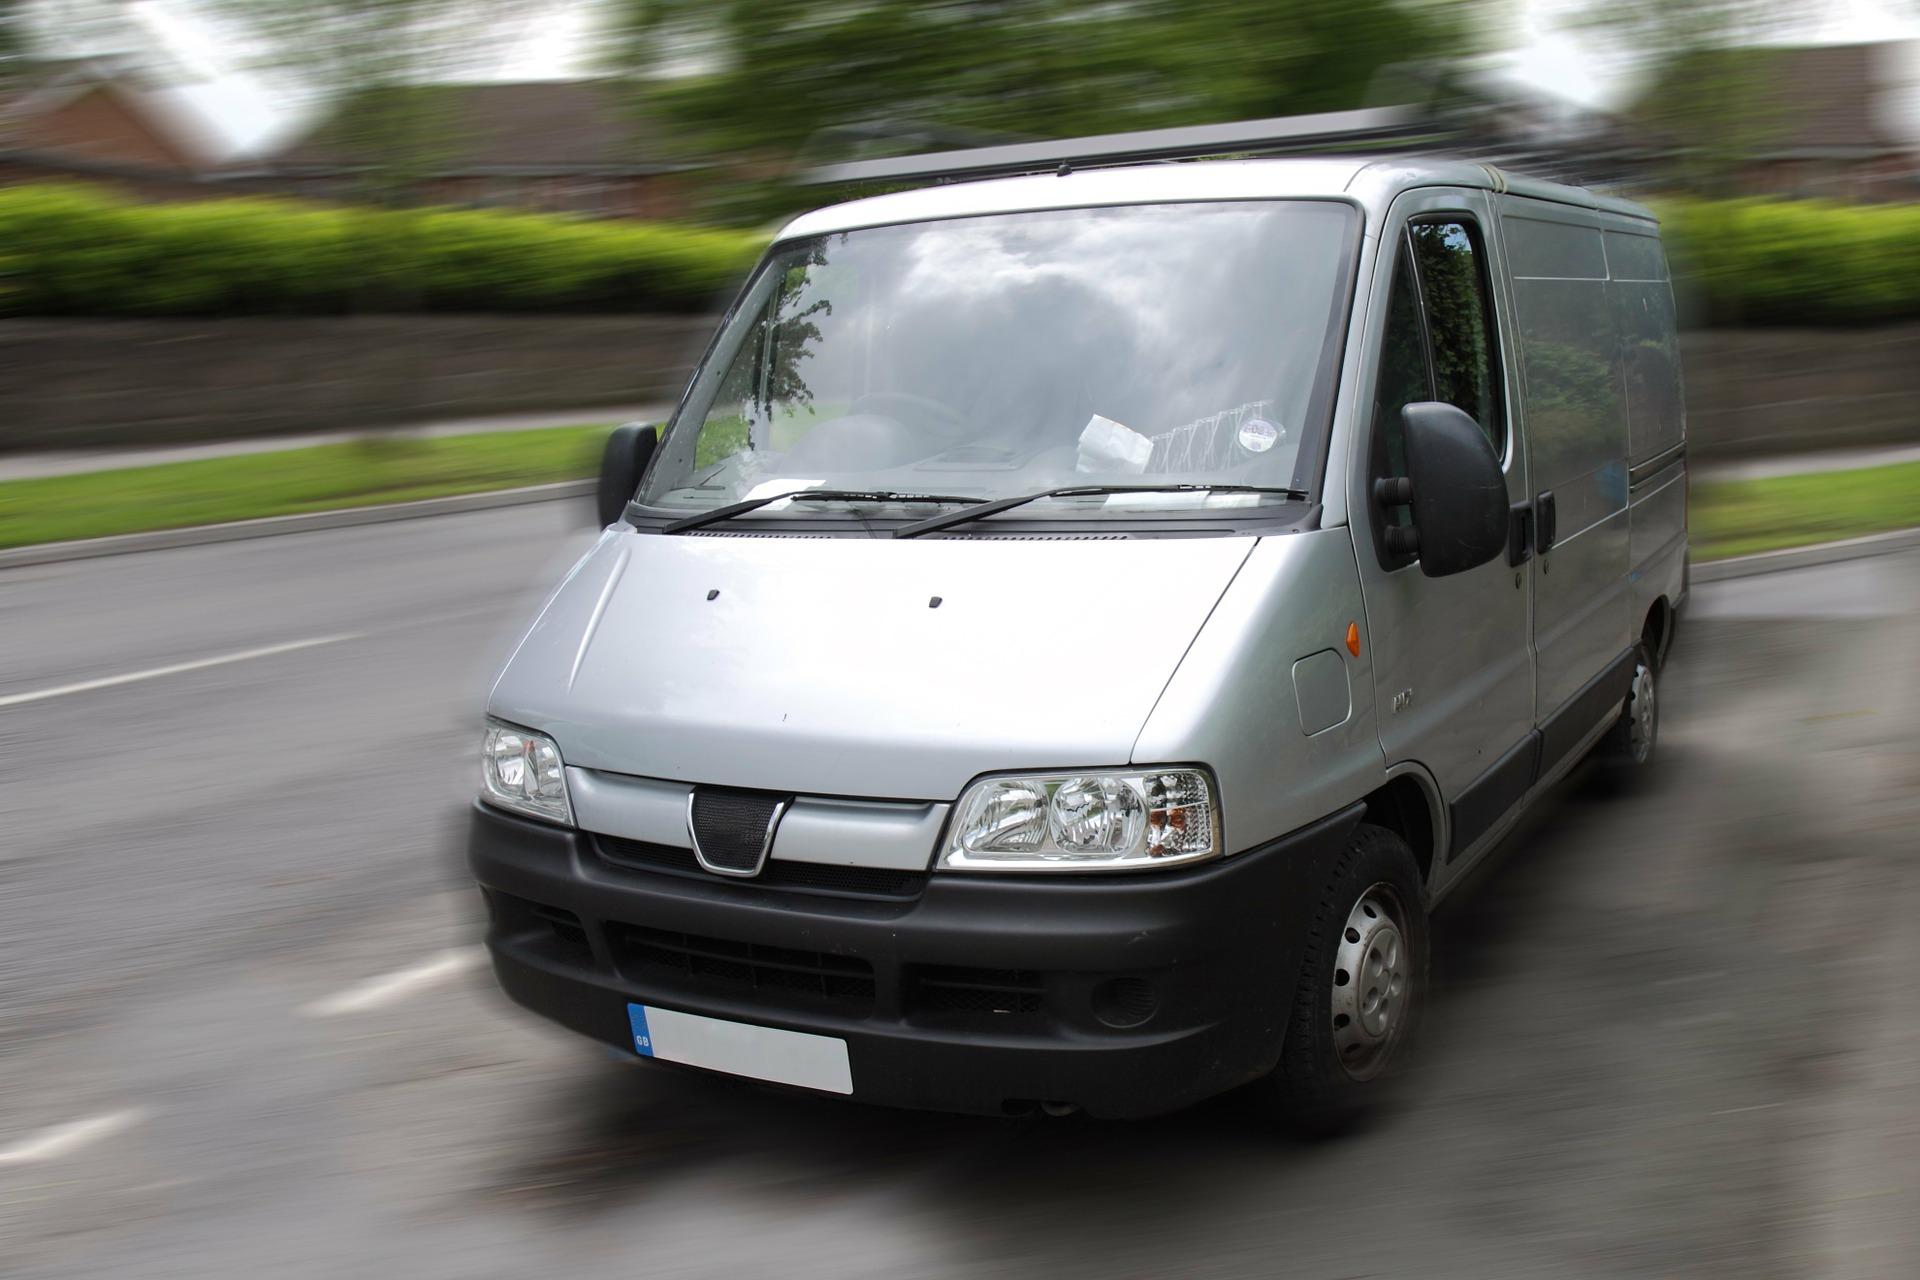 Camionnettes et véhicules utilitaires professionnels : quelles assurances